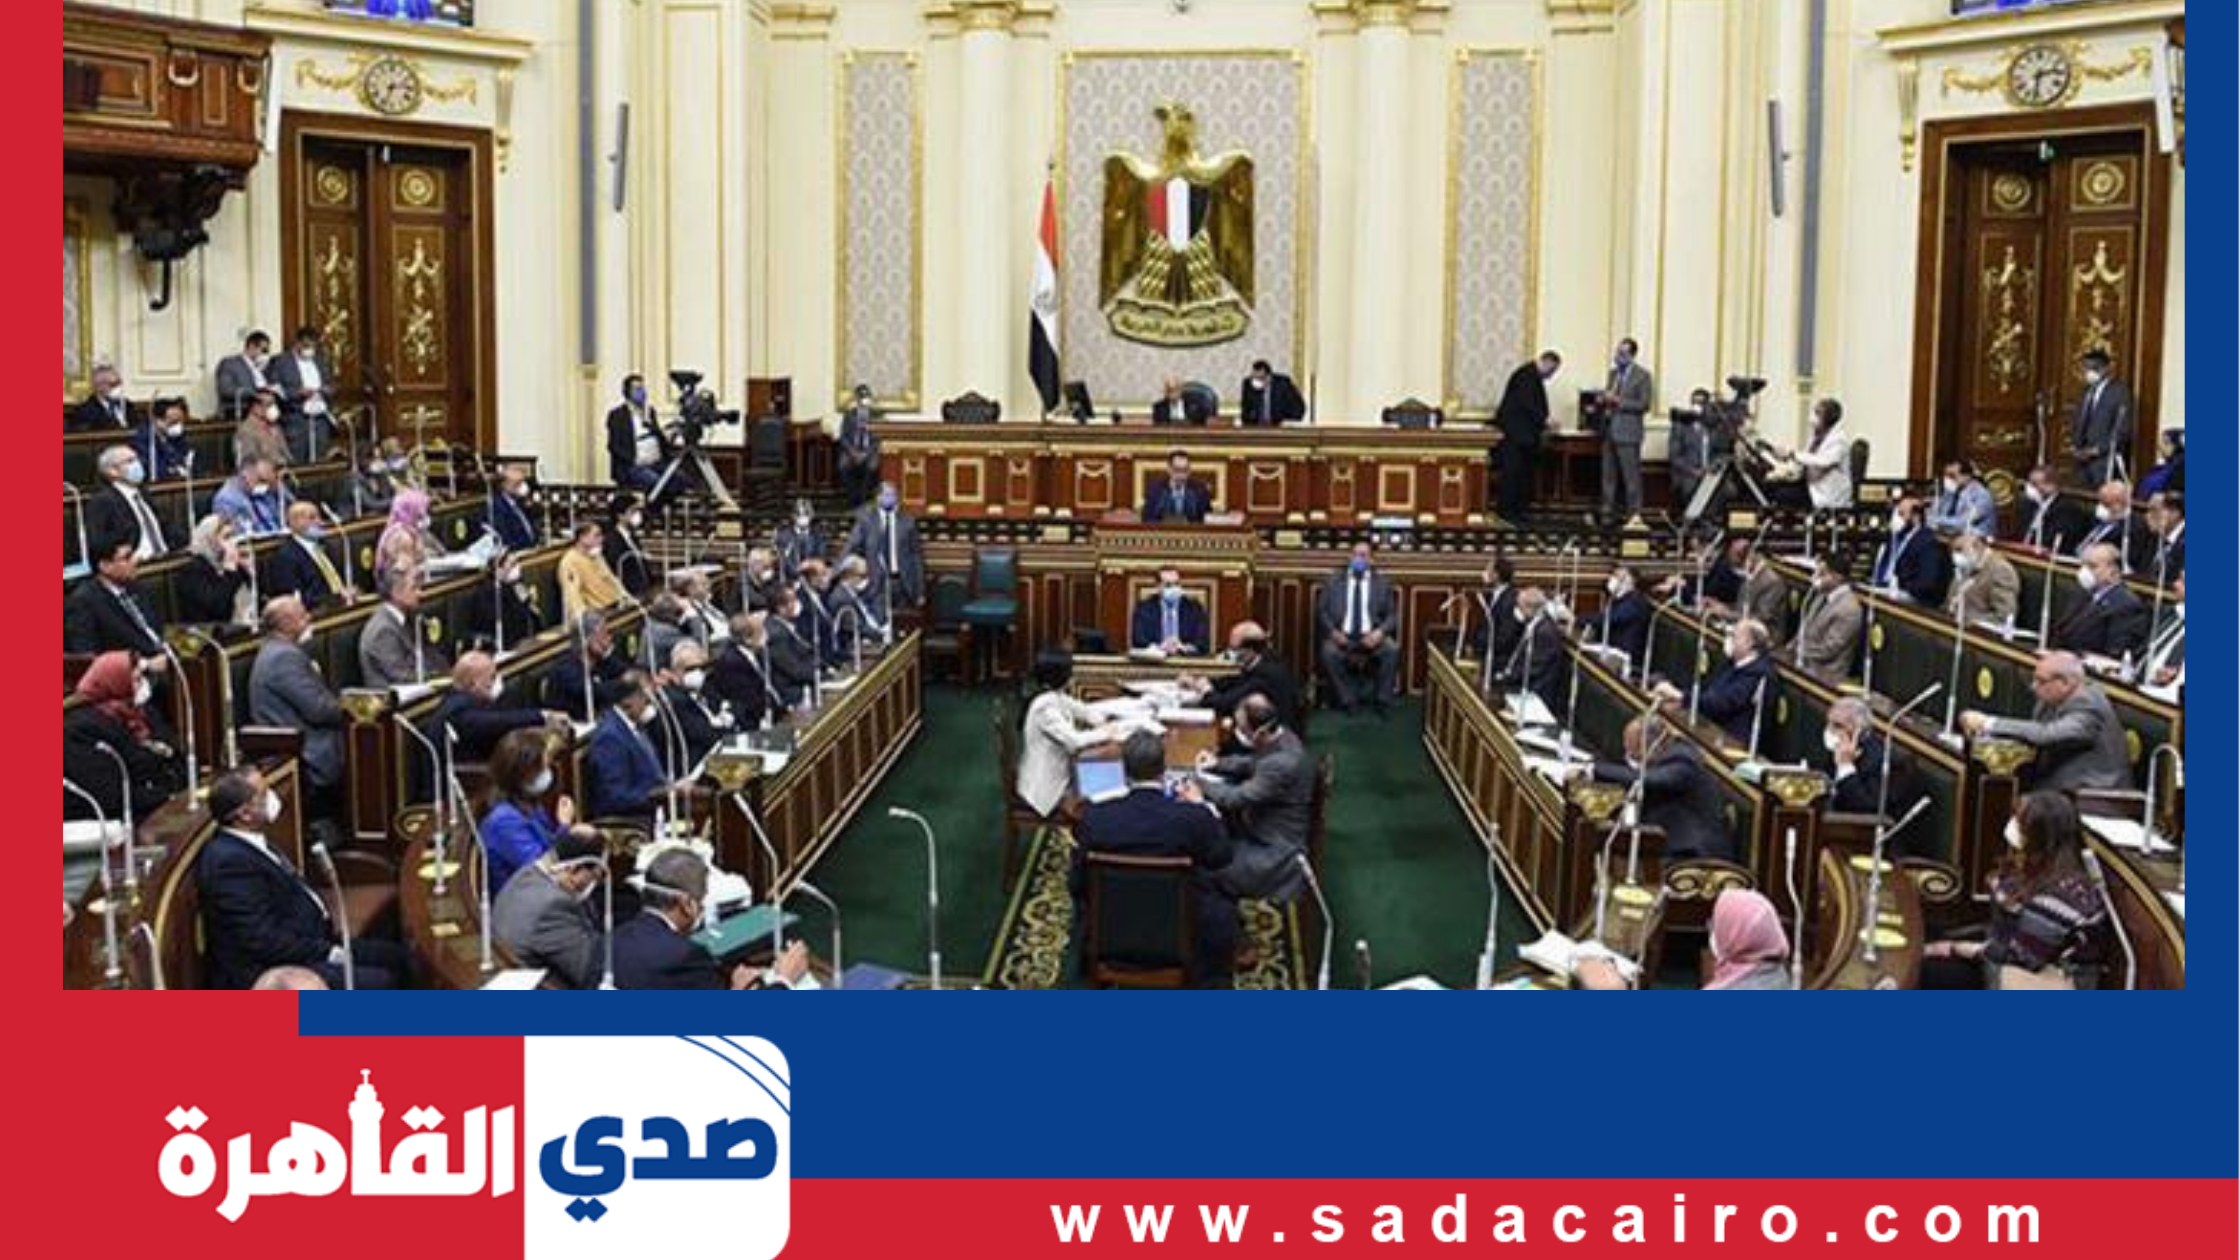 الأمانة العامة لمجلس النواب تستقبل الأعضاء الجدد